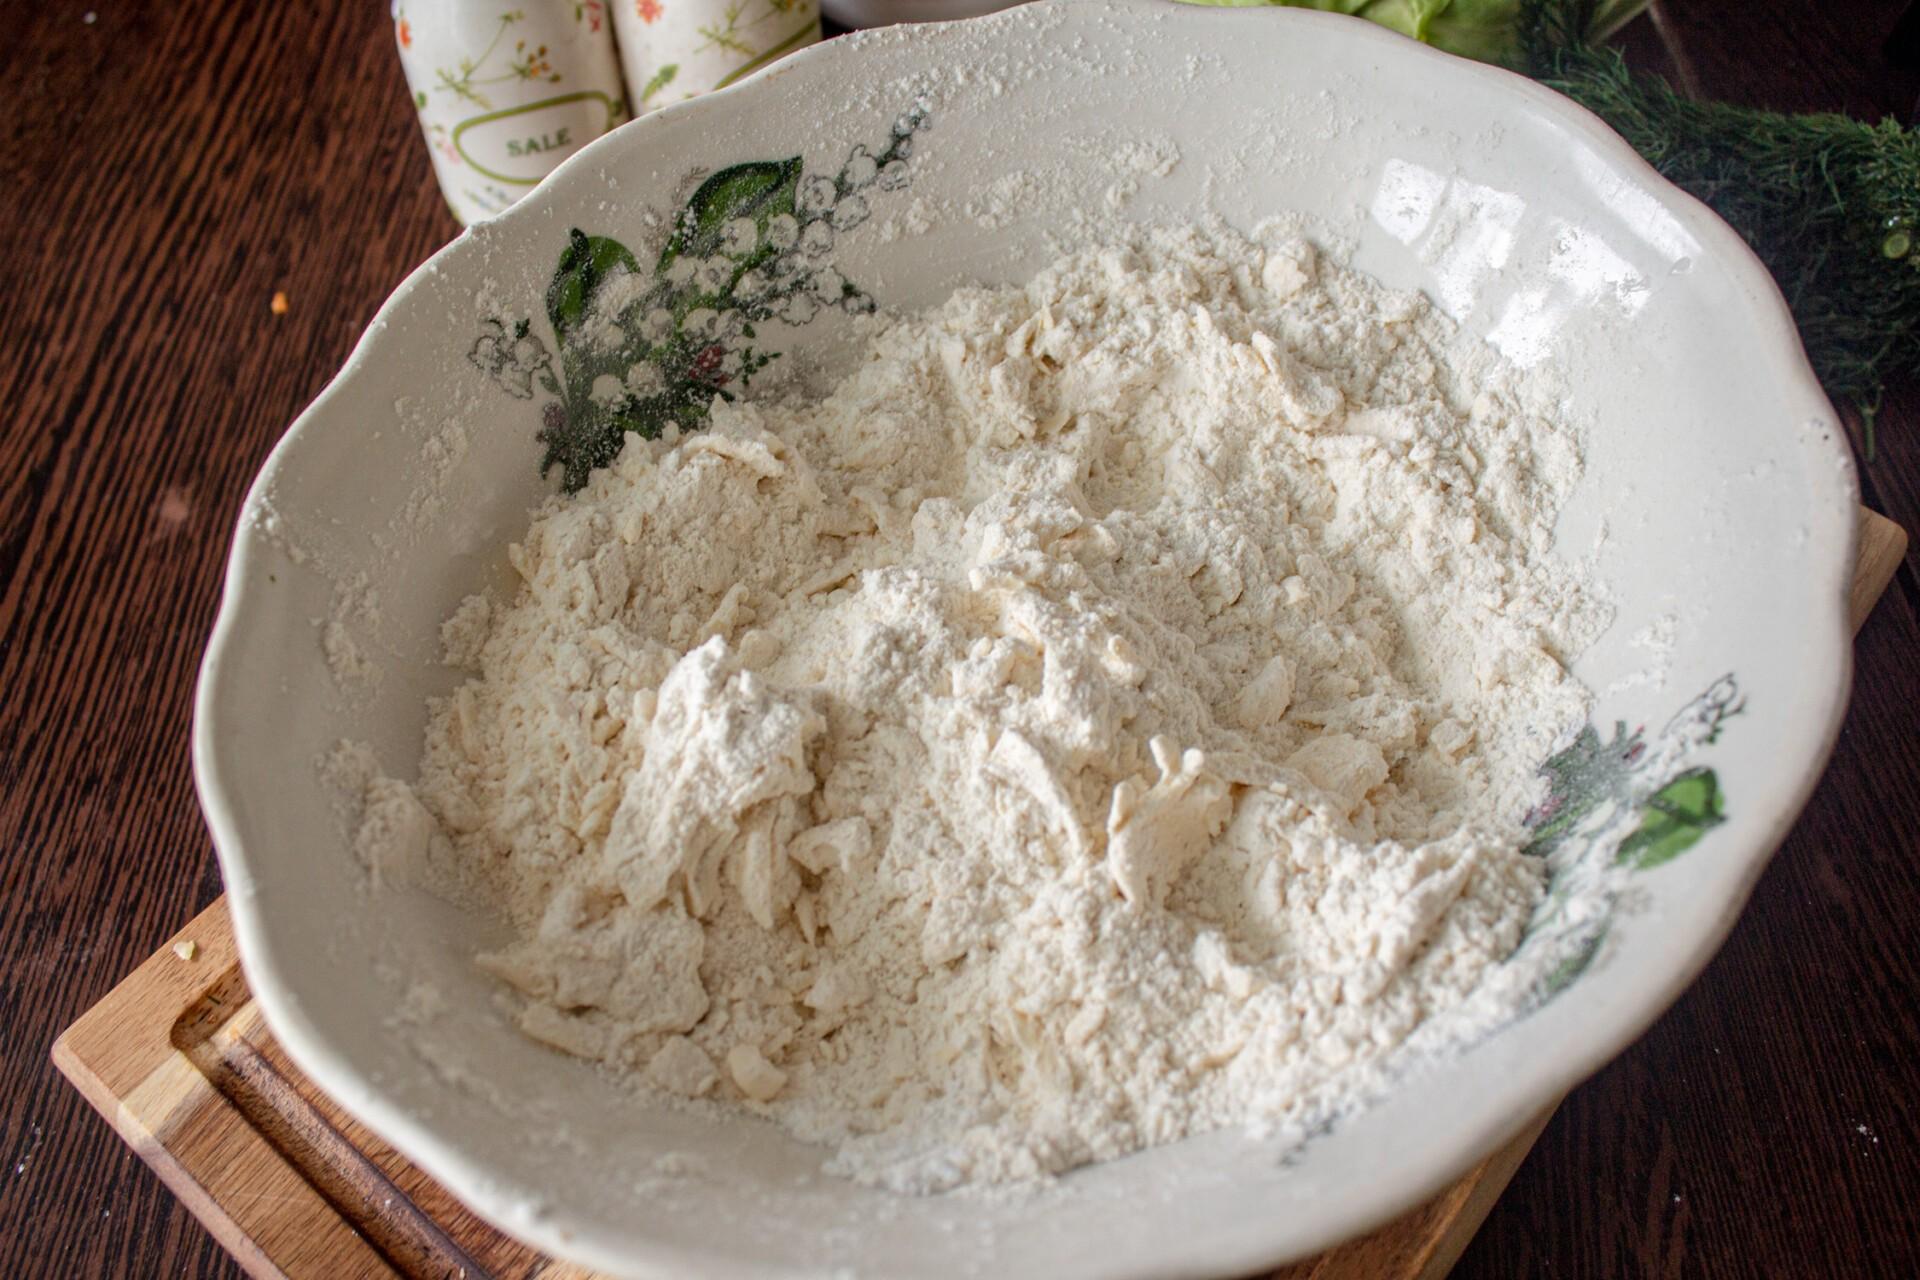 Киш с капустой и яйцом: перемешиваем масло с мукой в мучную крошку